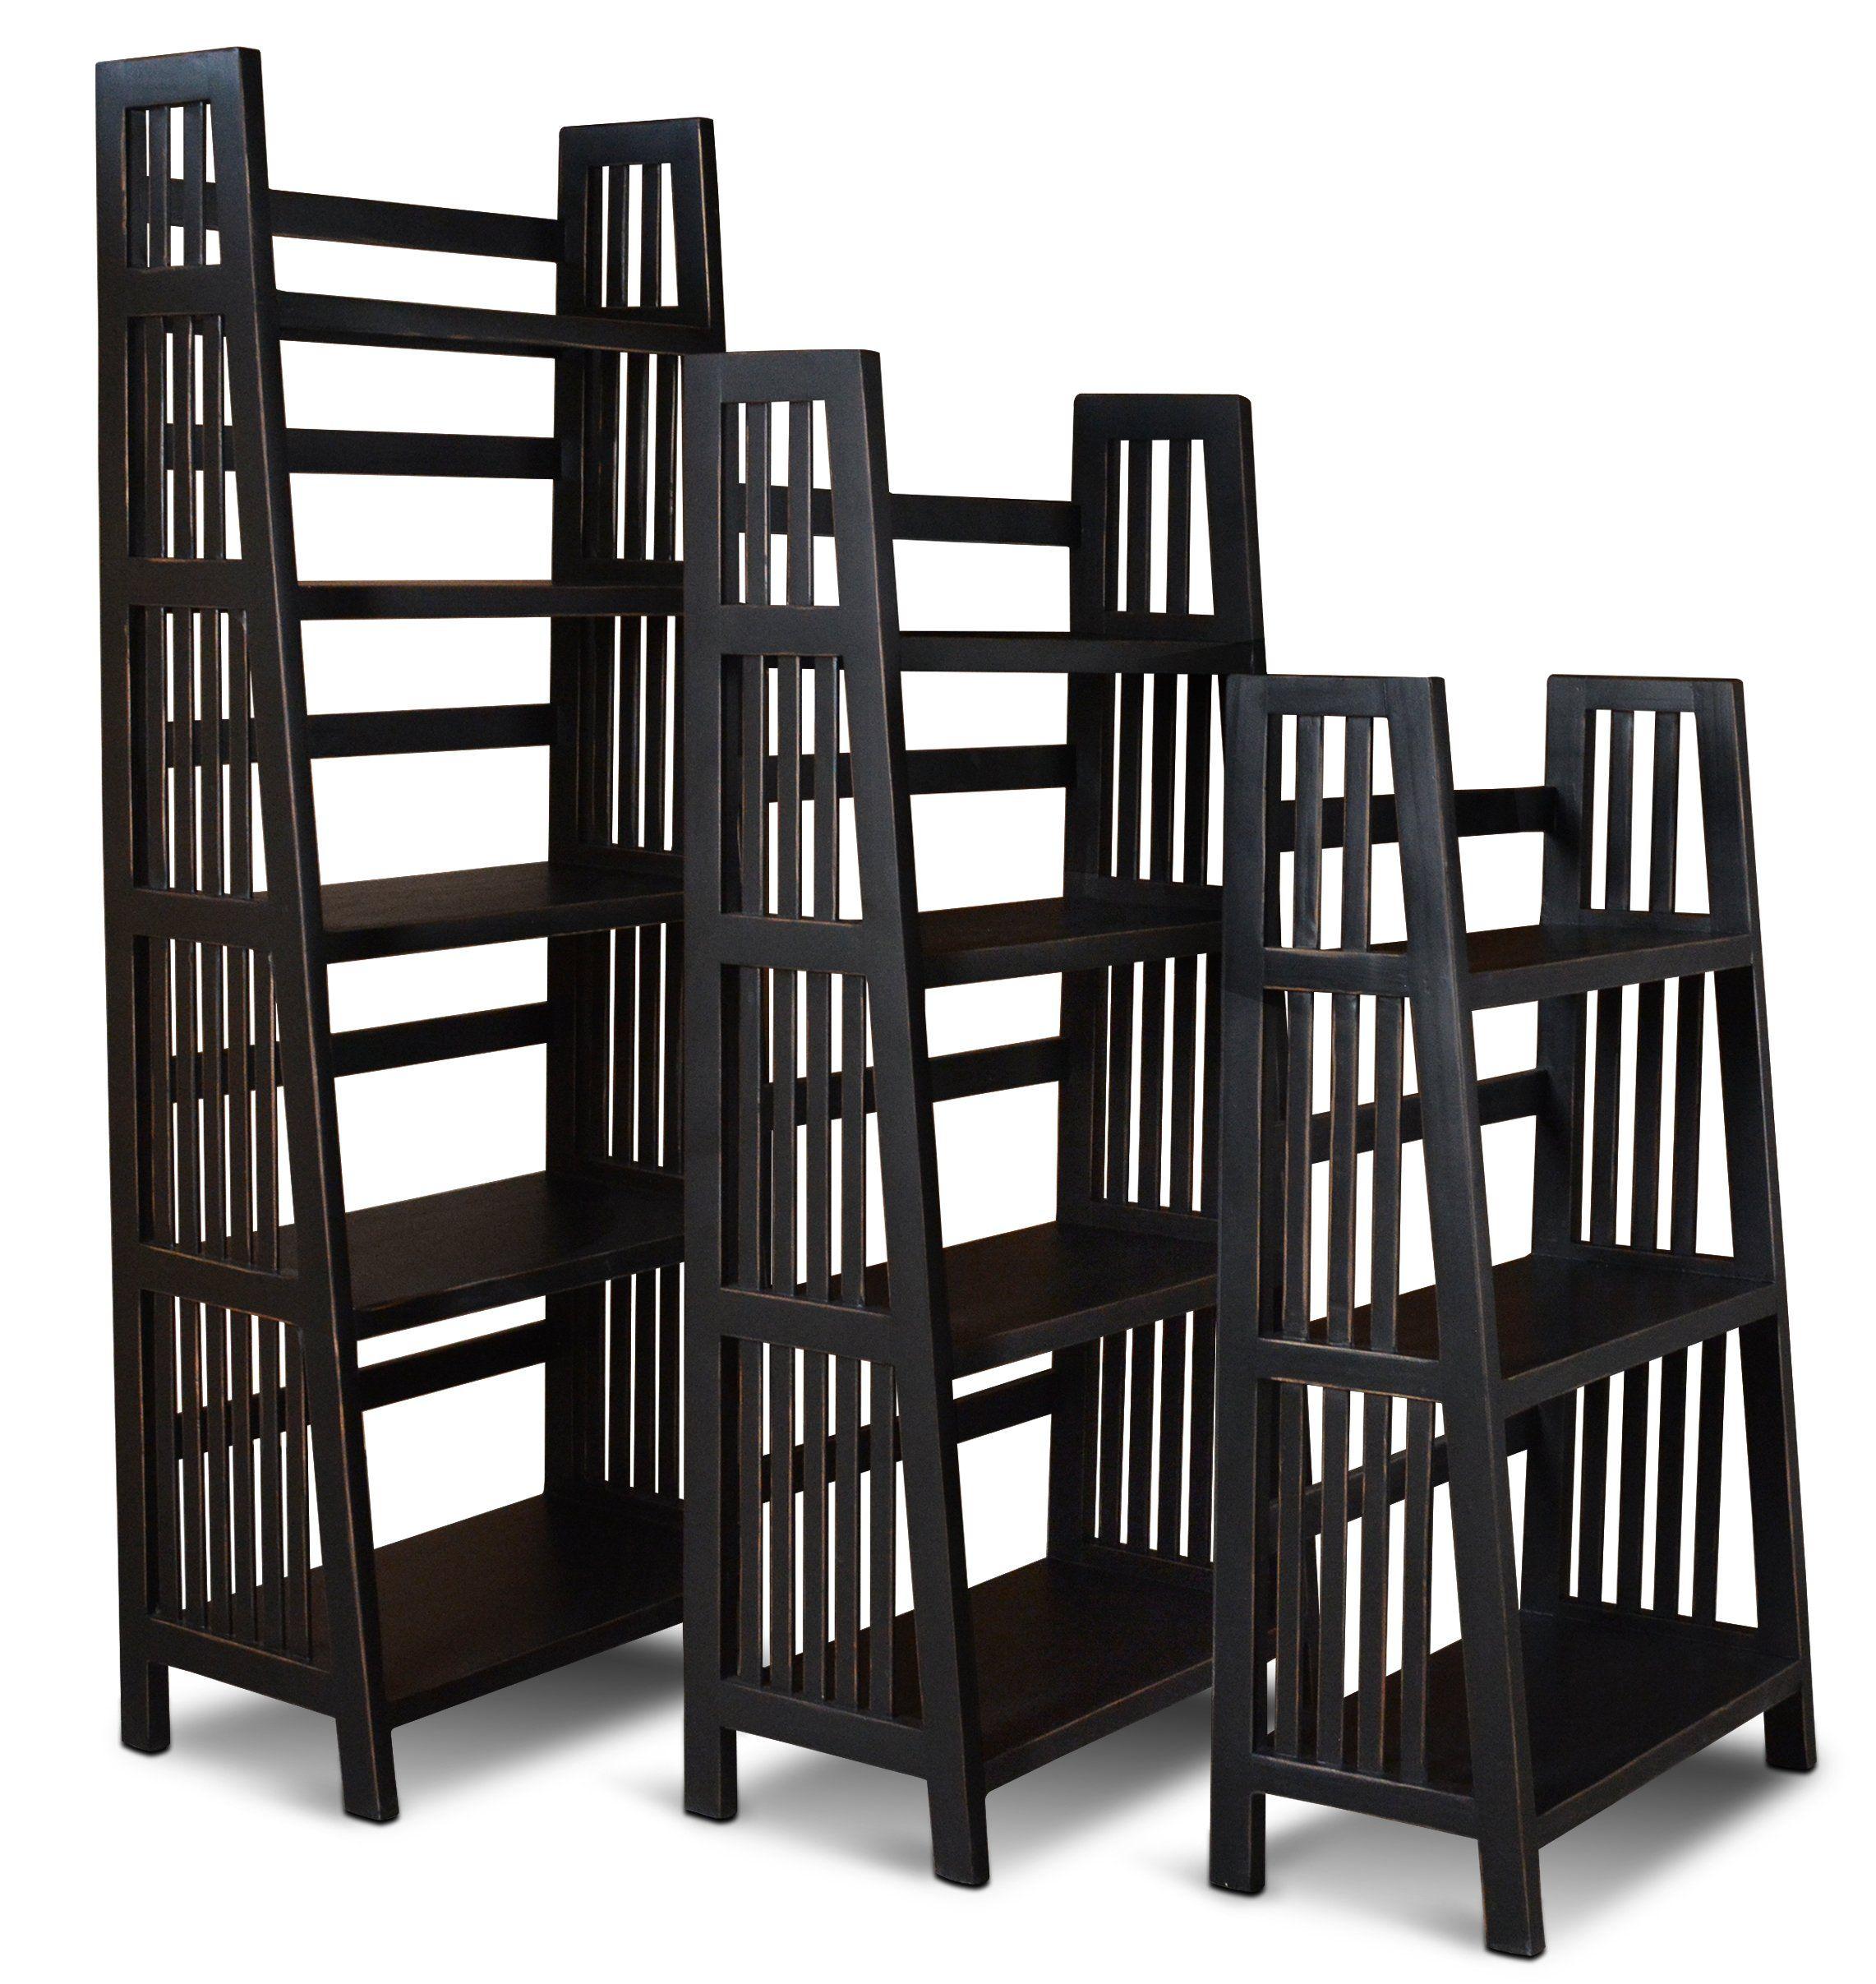 48 Inch Modern Black Bookshelf – Varsity